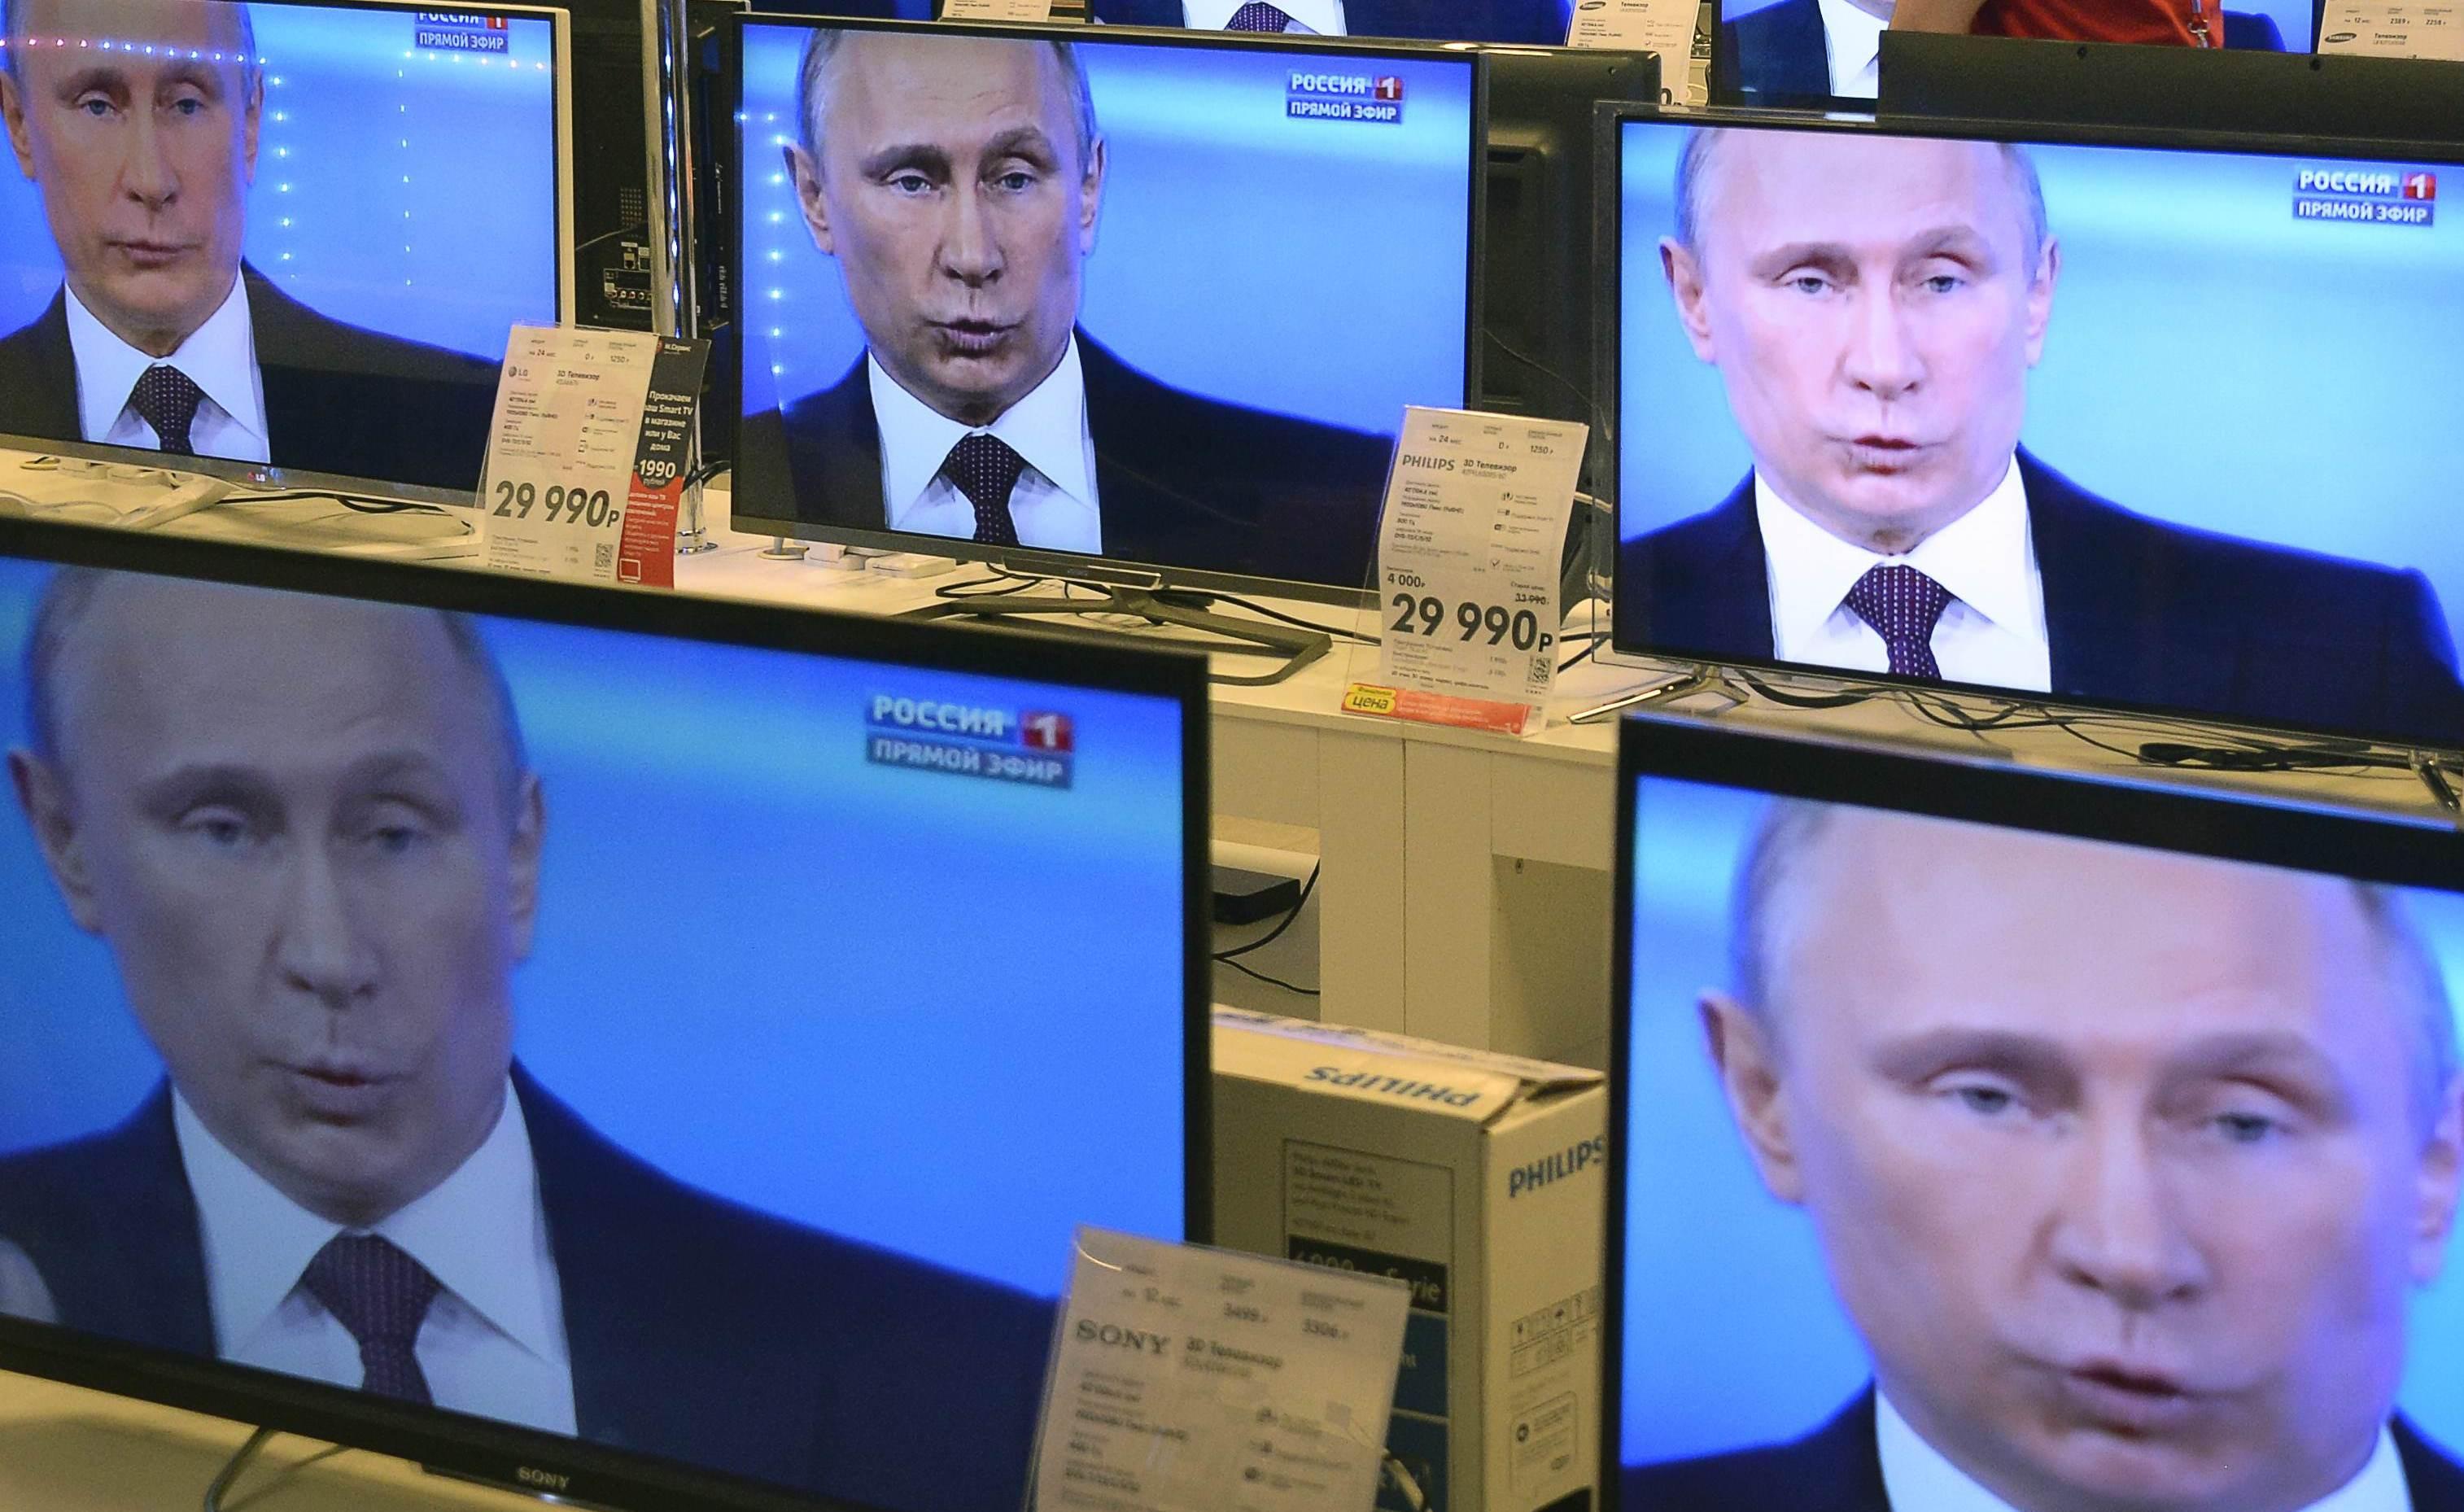 Борьба за умы жителей Донбасса: как Порошенко намерен выиграть войну у пропагандистских СМИ Путина